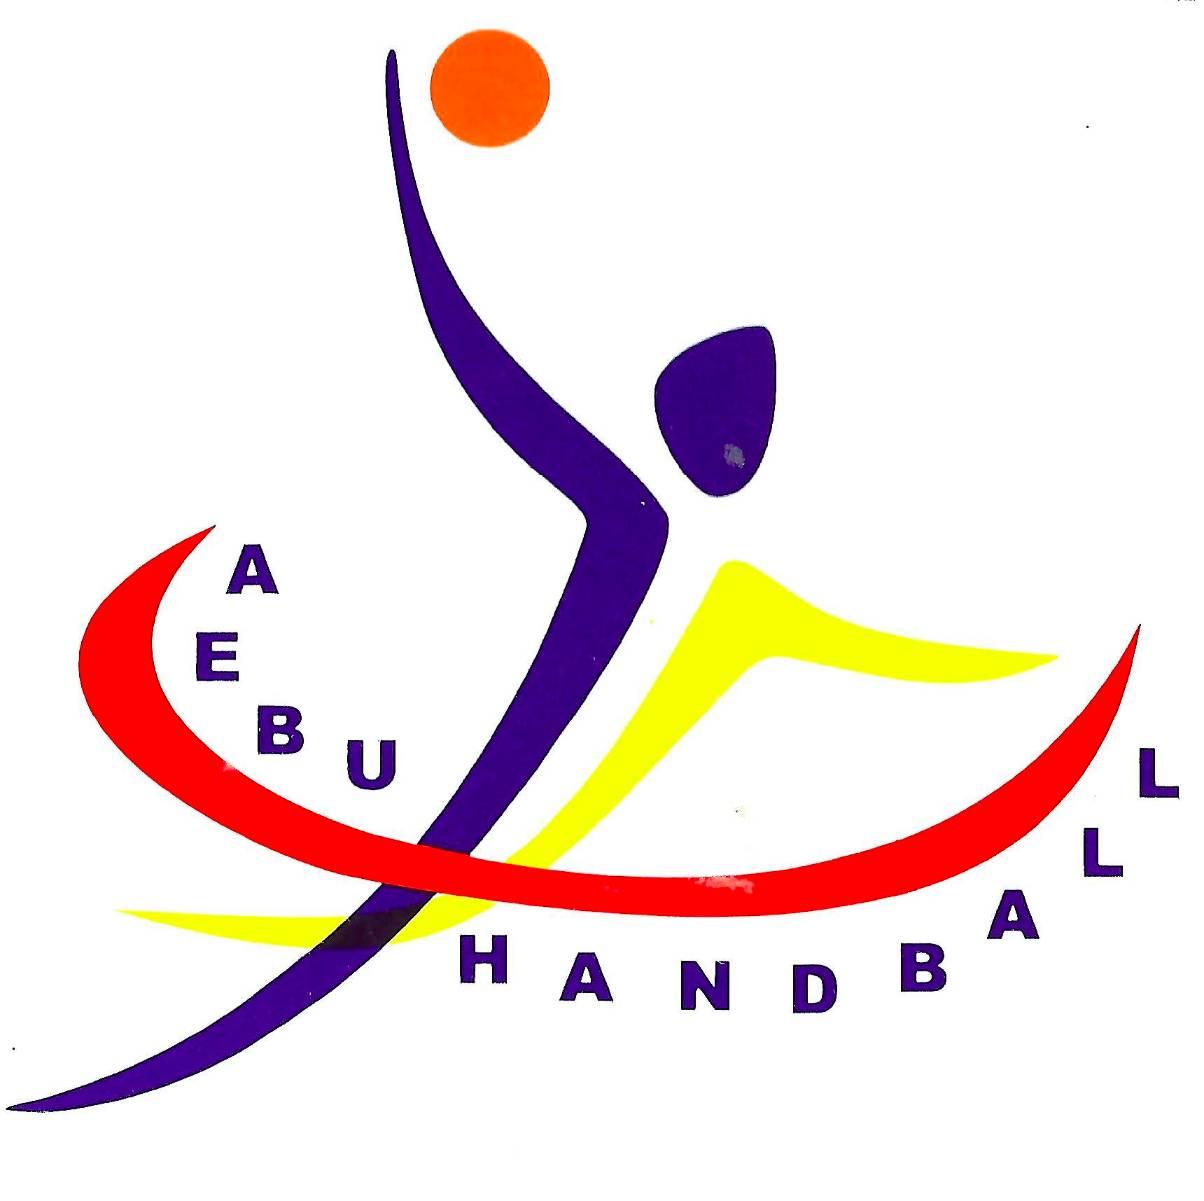 345-handball-en-la-calle-uruguay-montevideo-rambla-del-kibon-street-handball9logo